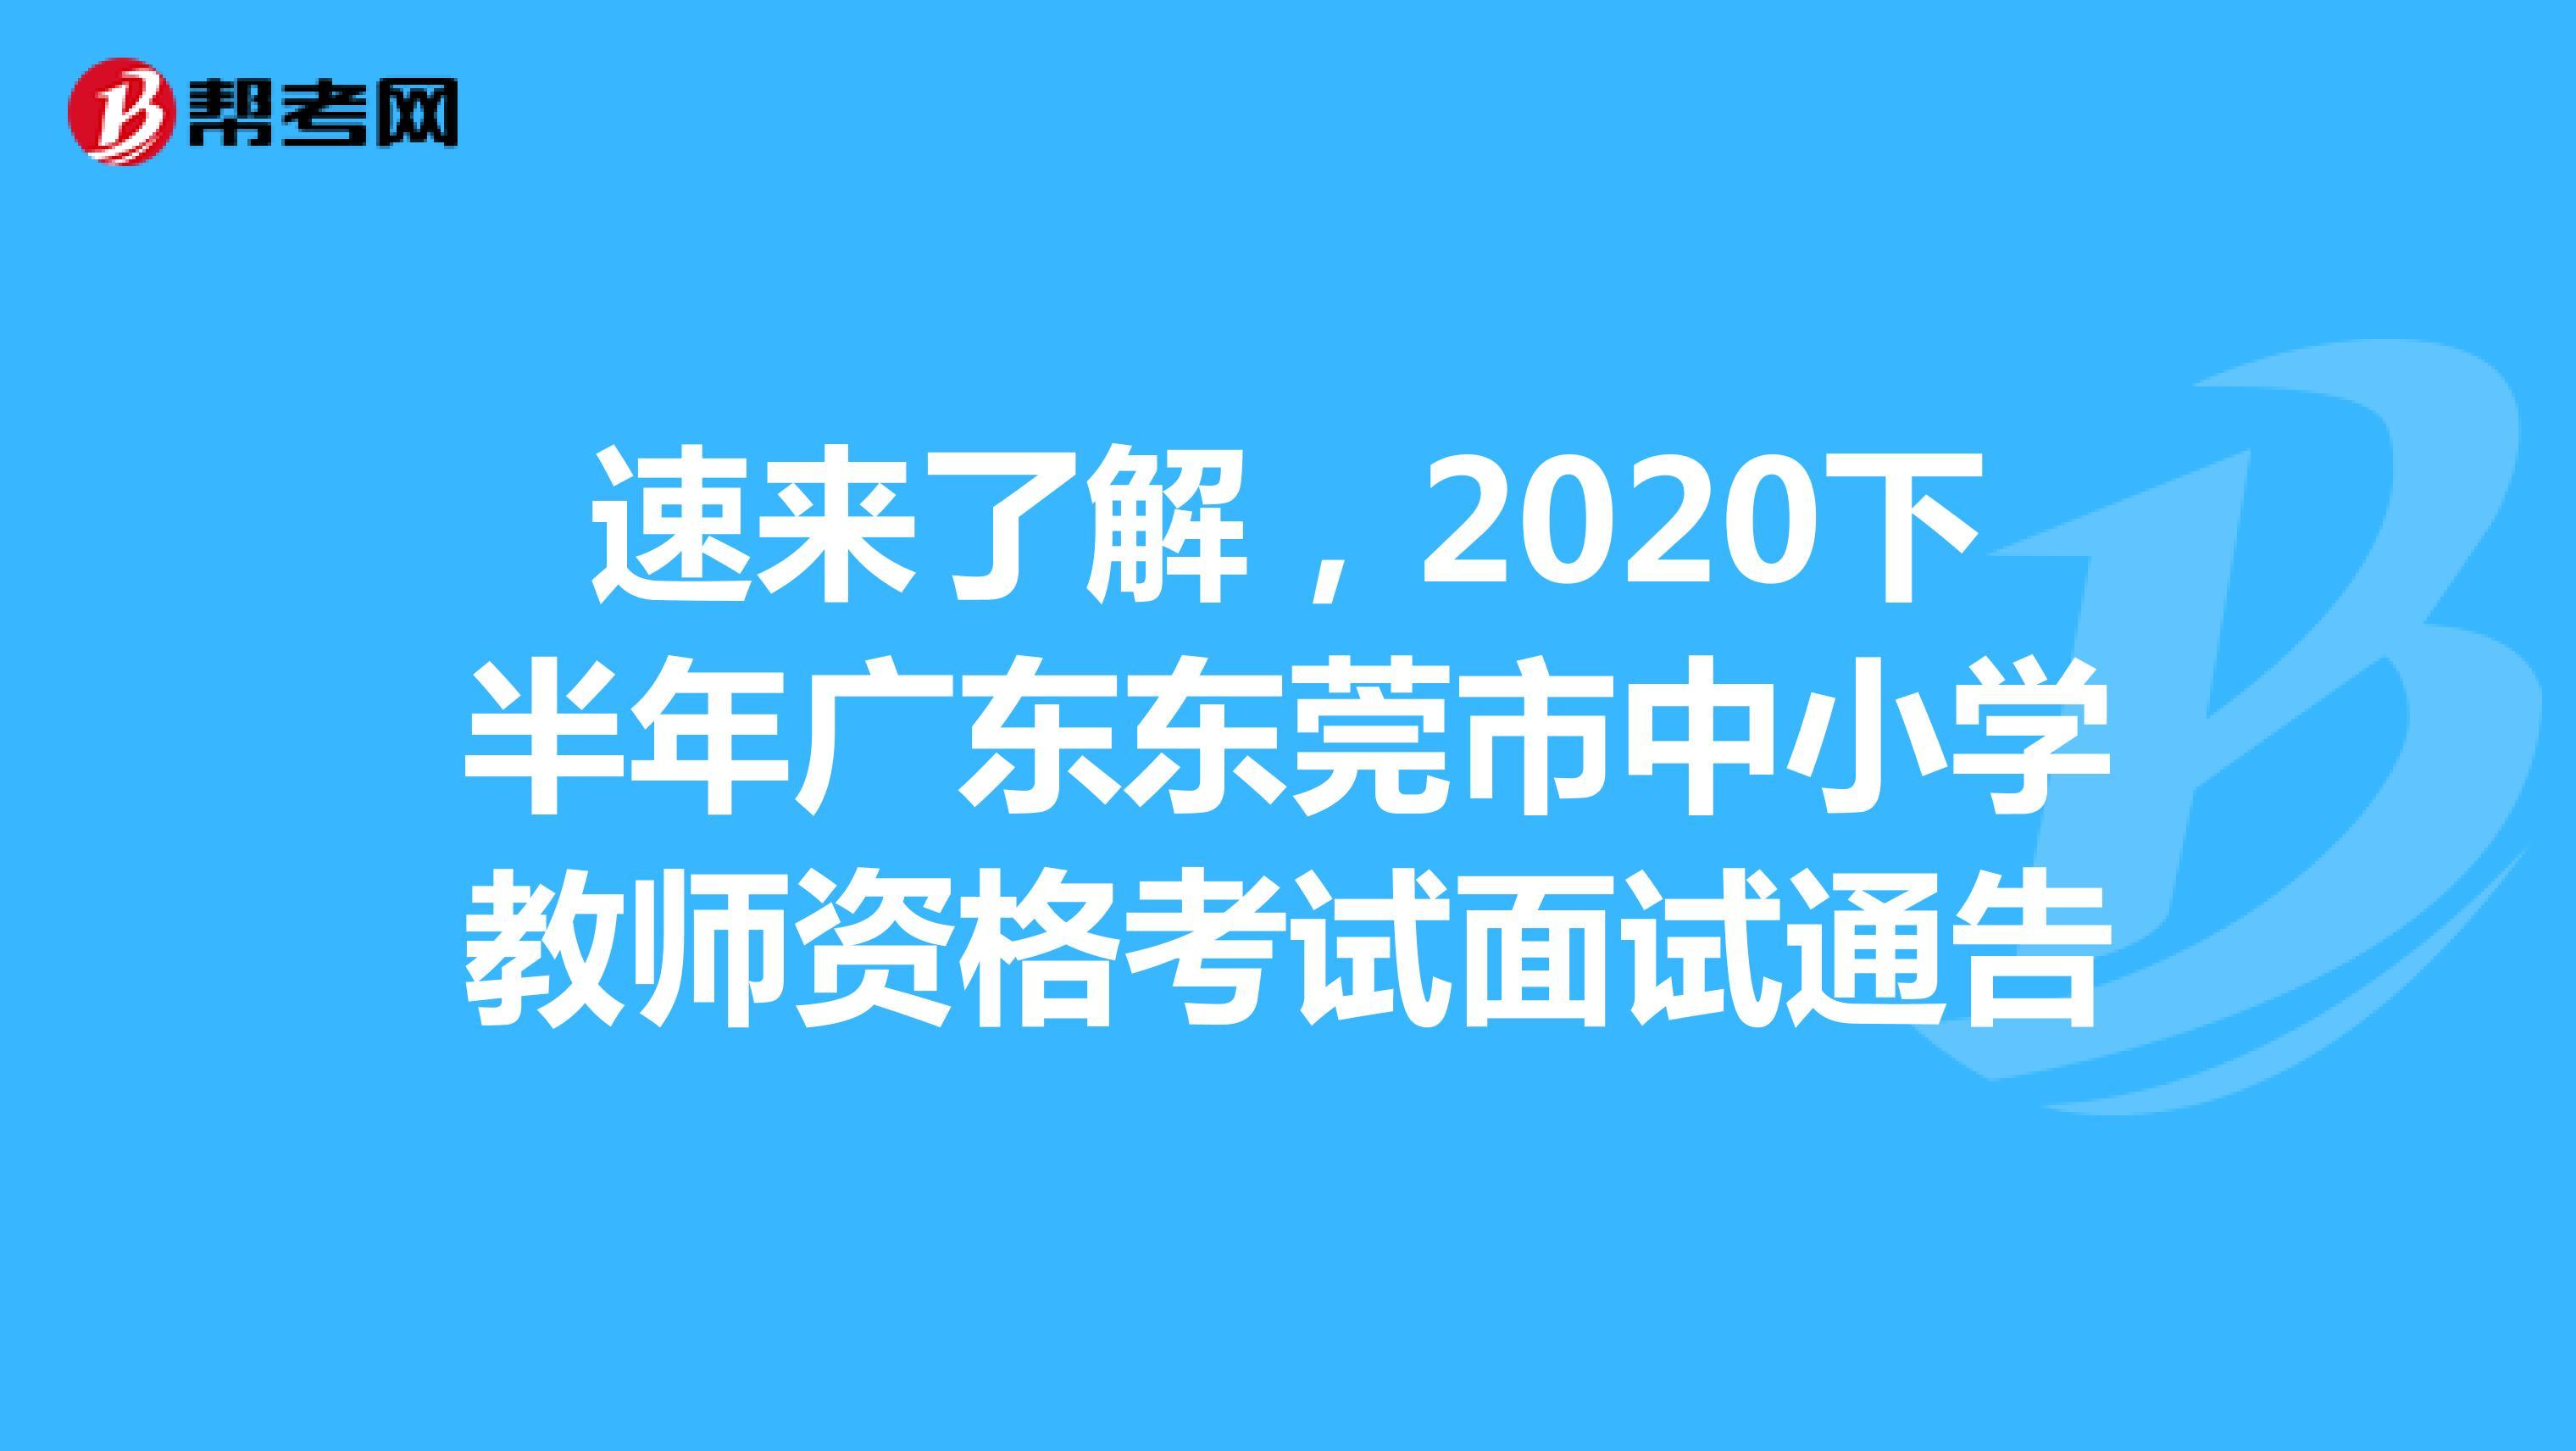 速來了解,2020下半年廣東東莞市中小學教師資格考試面試通告